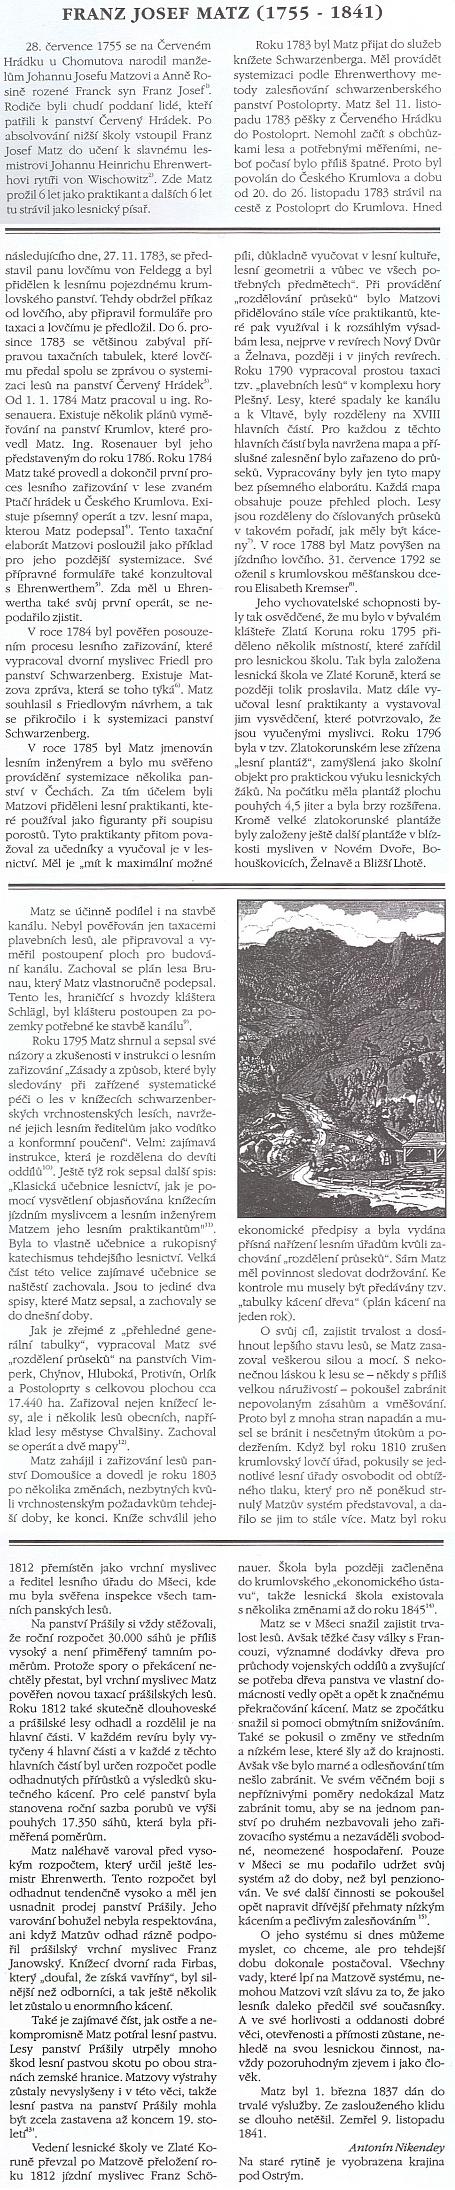 Matzův životopis od Ing. Antonína Nikendeye vyšel česky (původně byl psán německy pod pseudonymem Milly Schwarz do knihy o významných schwarzenberských lesnících) v Obnovené Tradici už po smrti svého autora